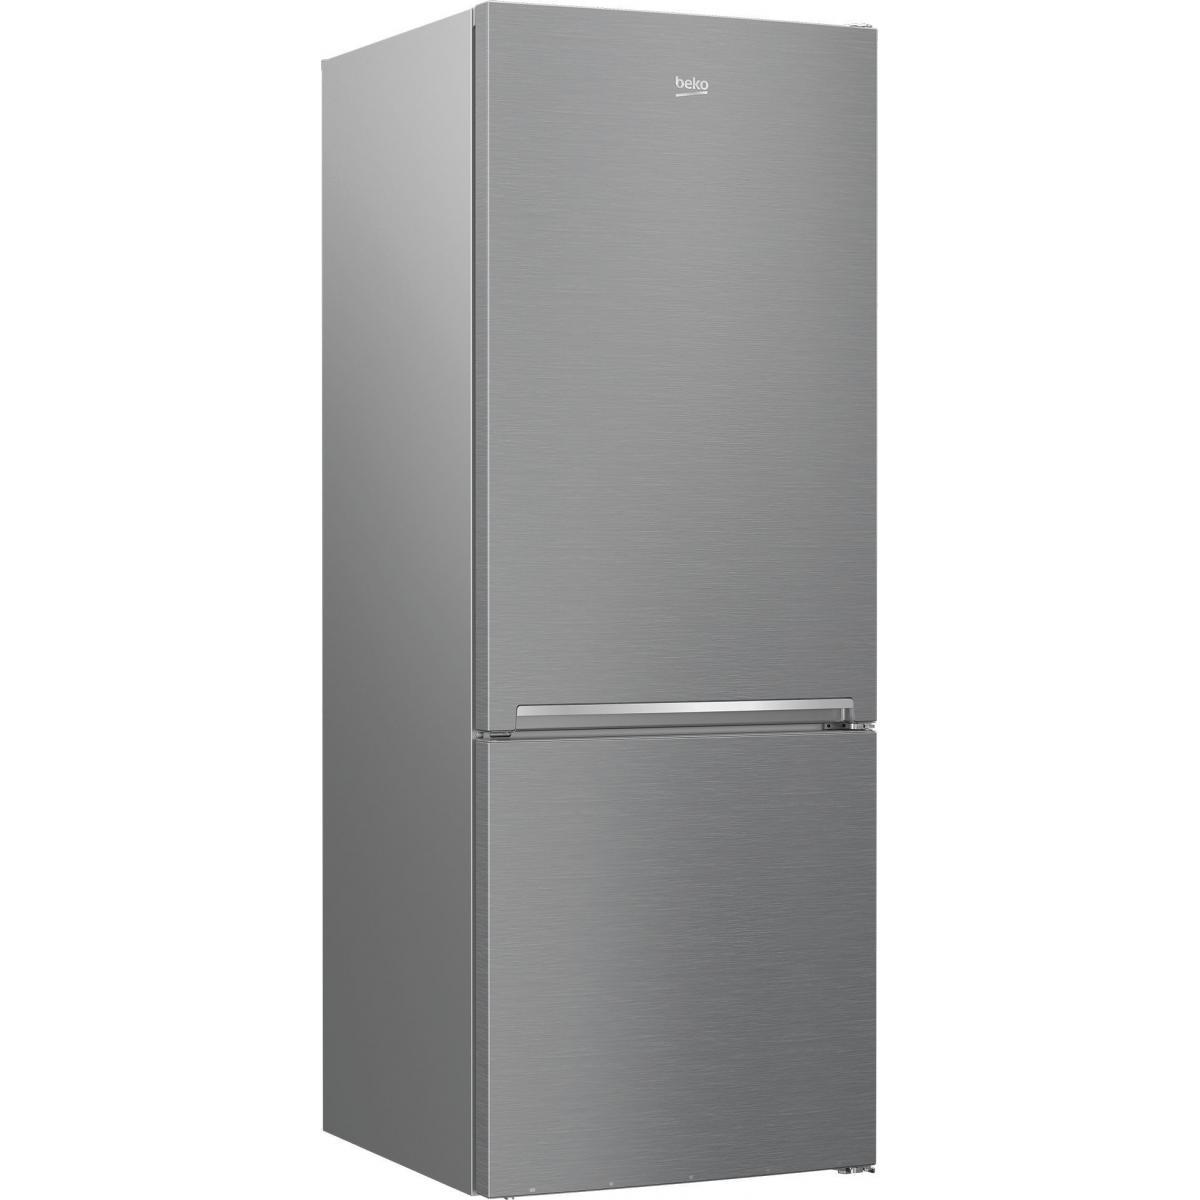 Beko Réfrigérateur combiné 550L Froid Ventilé BEKO 70cm A++, BRCNE 50140 ZXBN